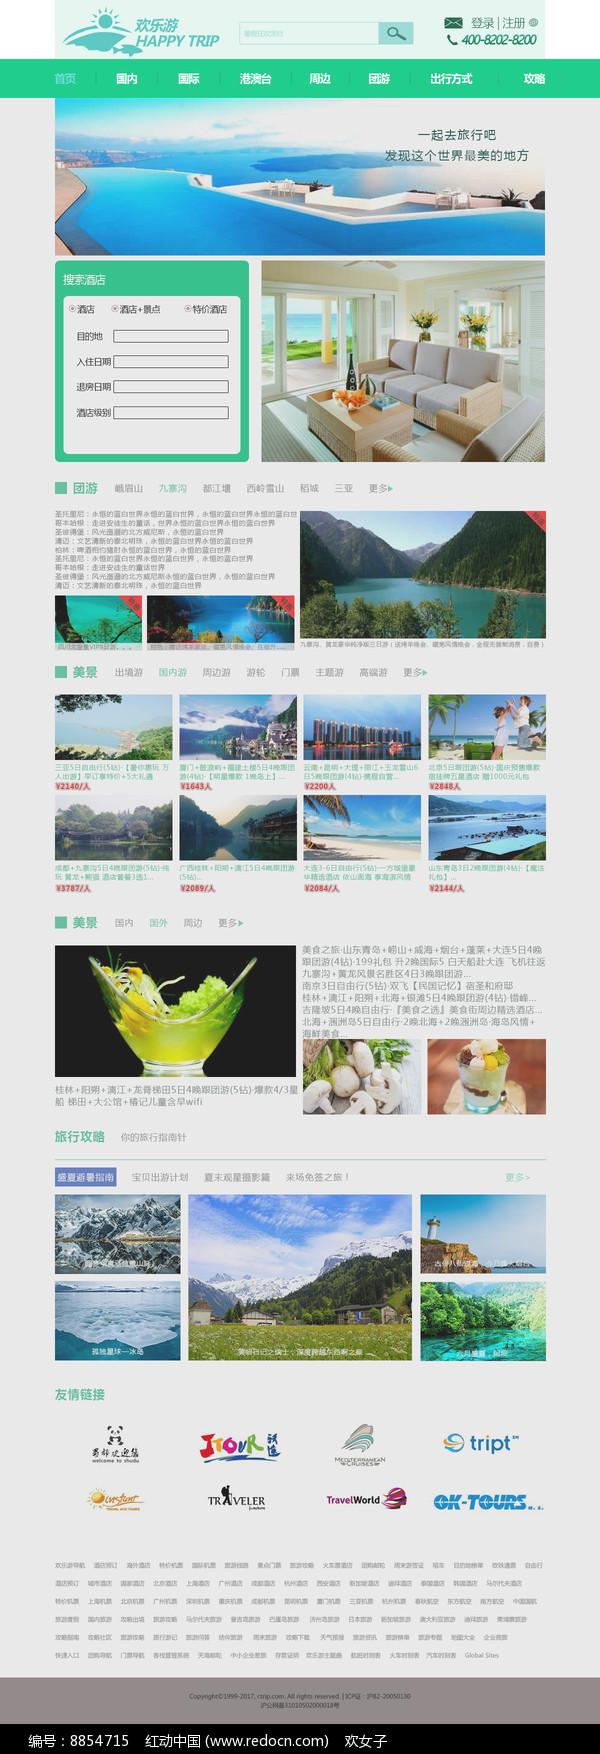 欢乐游旅游网站首页图片